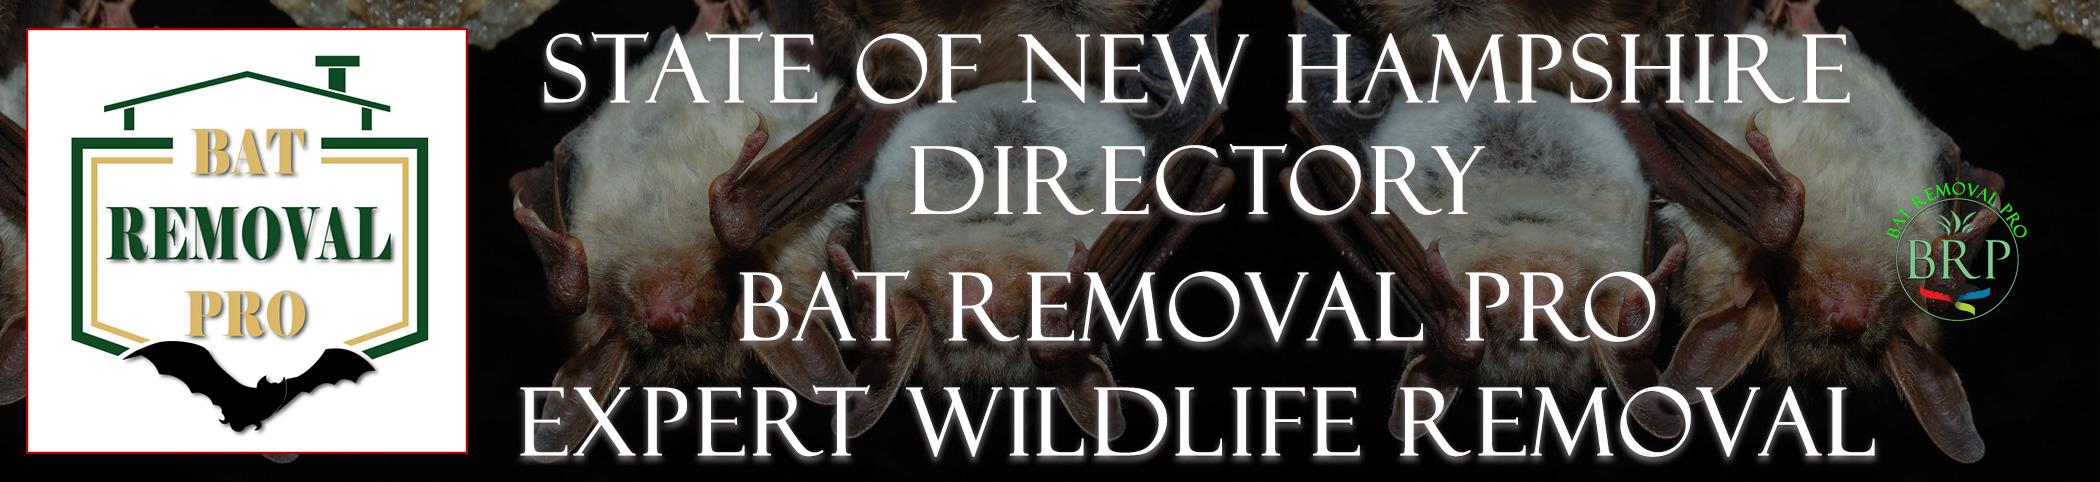 NEW-HAMPSHIRE-bat-removal-at-bat-removal-pro-header-image